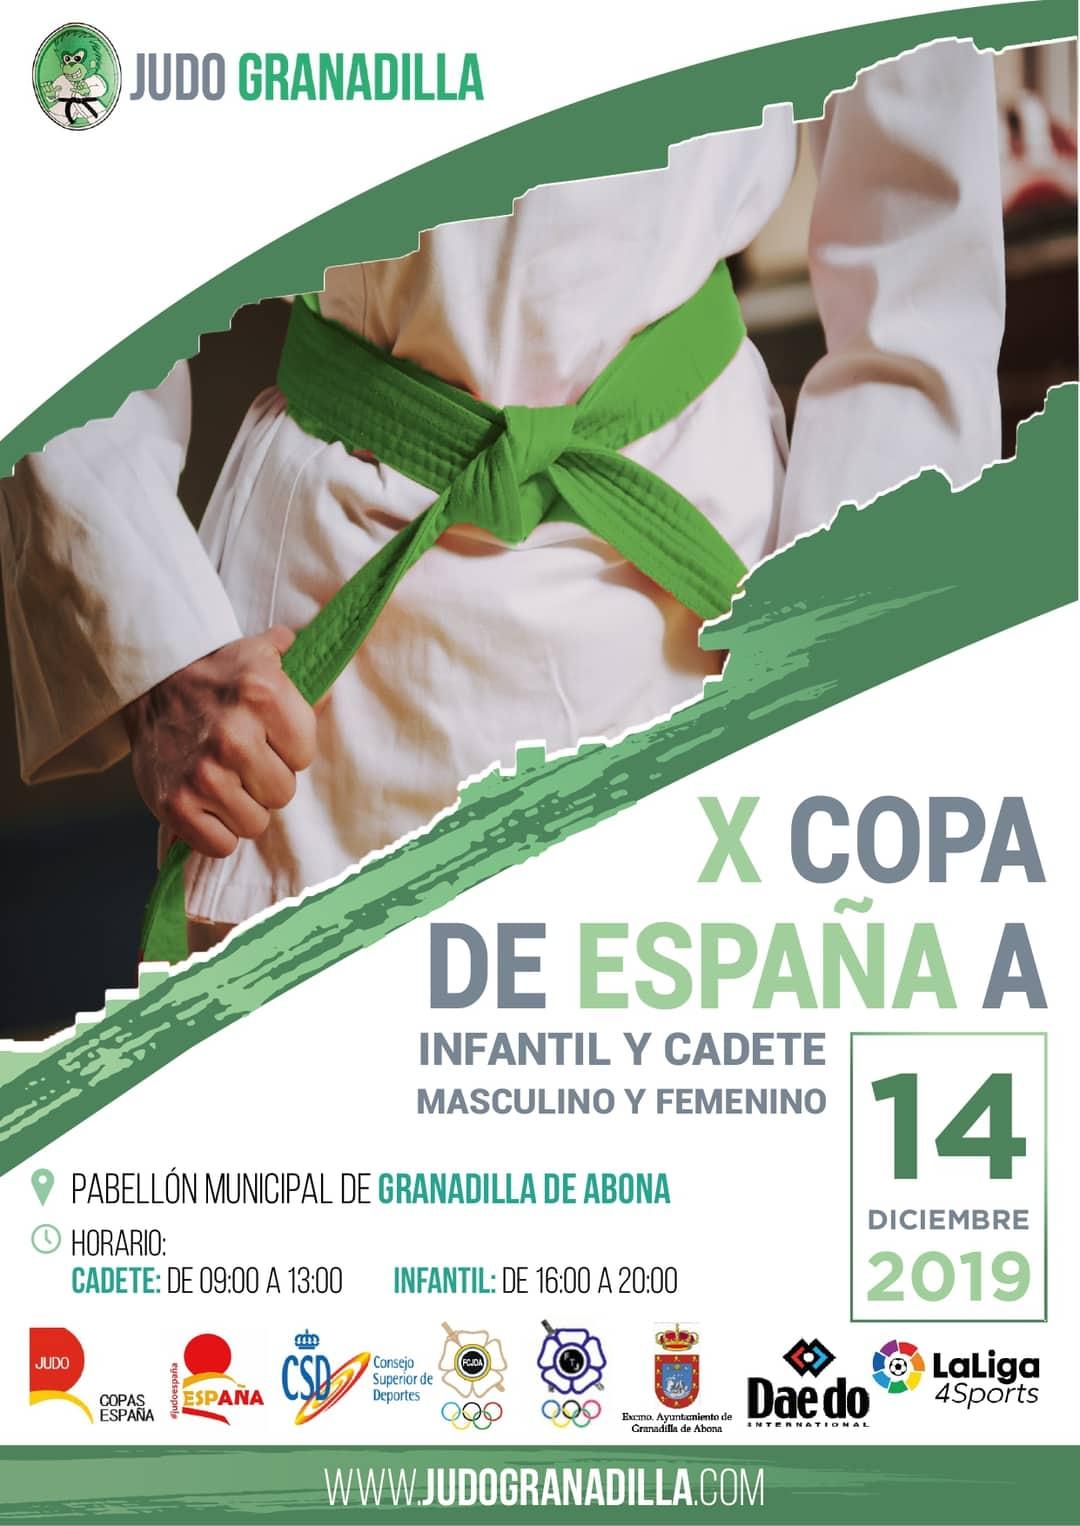 La 'X Copa de España A de Judo Infantil y Cadete' este sábado en el Pabellón Municipal